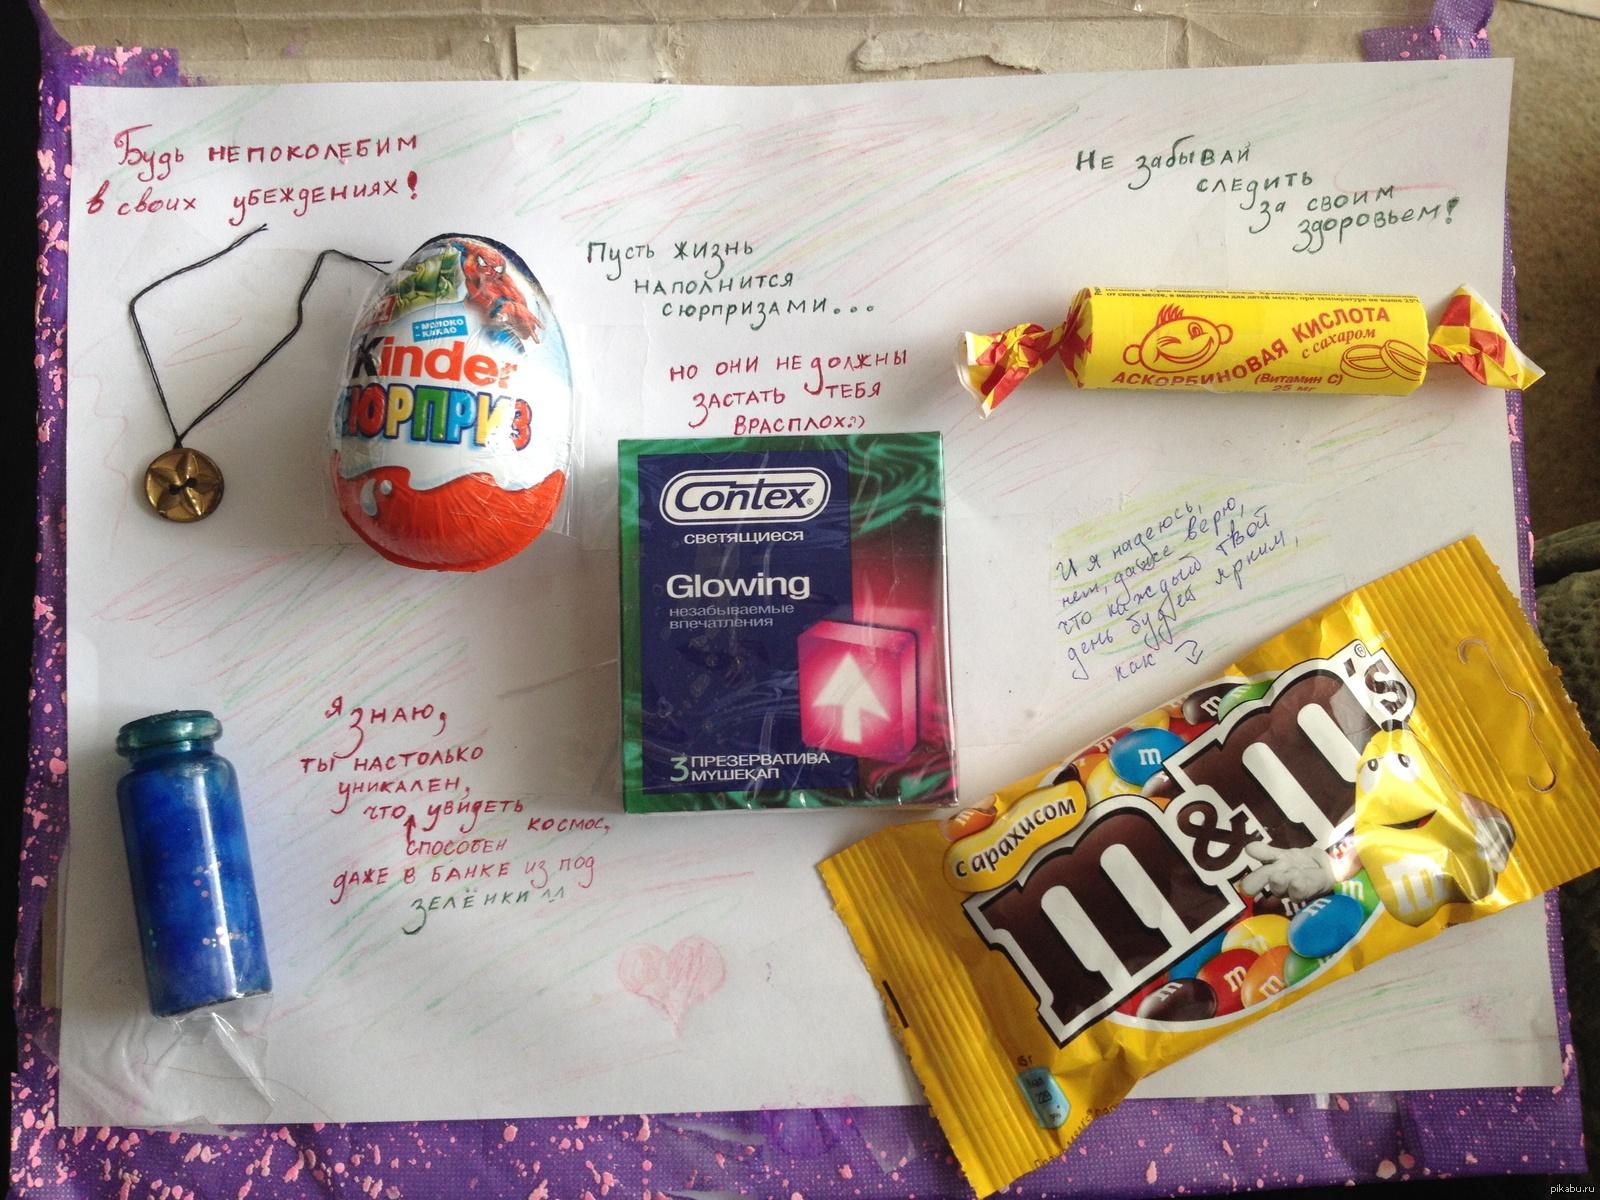 Подарок подруге на День Рождения: лучшие идеи и советы